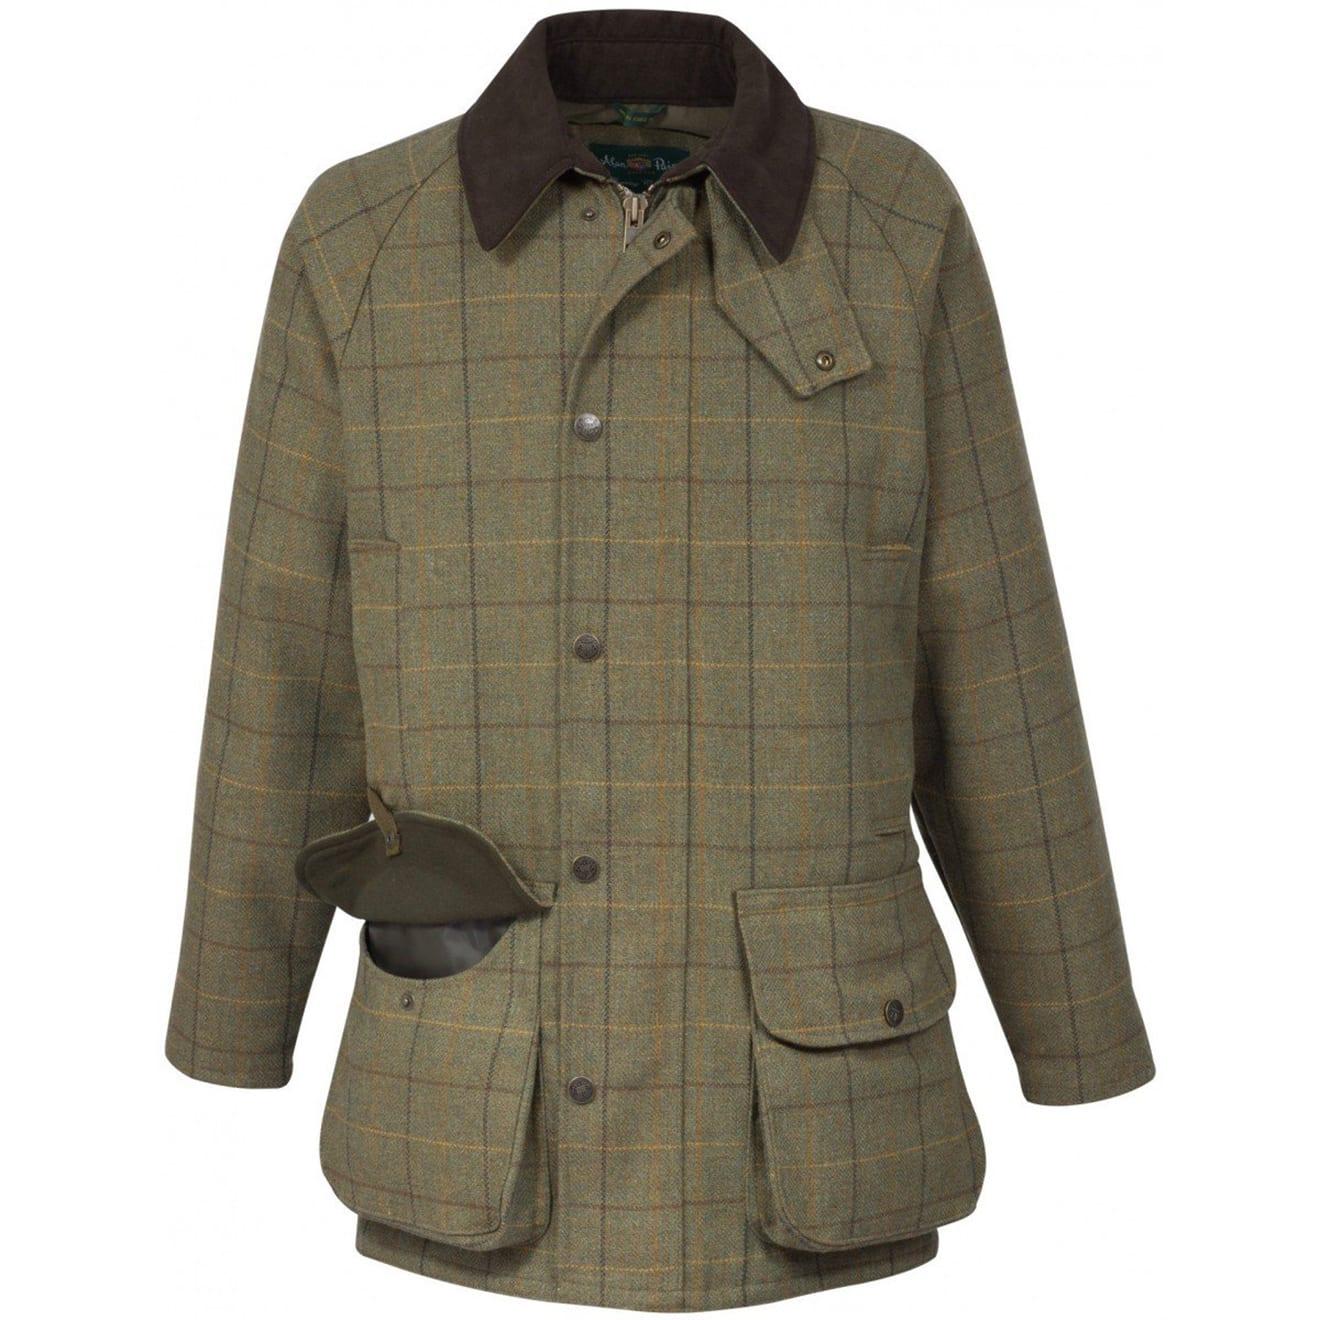 Alan paine rutland tweed waterproof shooting jacket dark moss